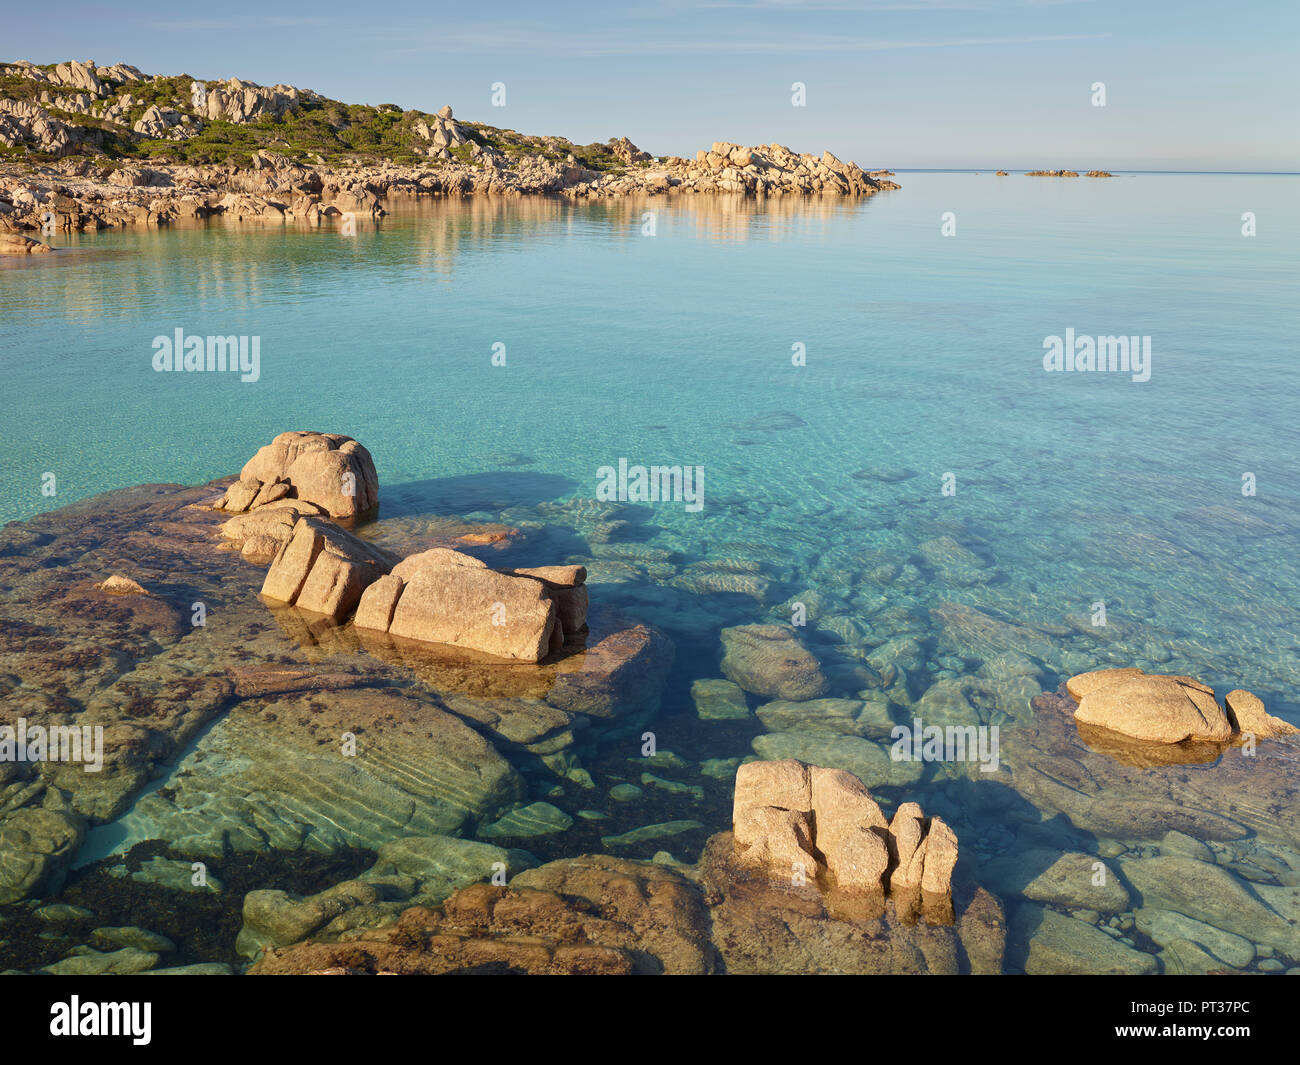 Rock formations in the Bruzzi nature reserve, near Pianottoli-Caldarello, Corse du Sud, Corsica, France - Stock Image